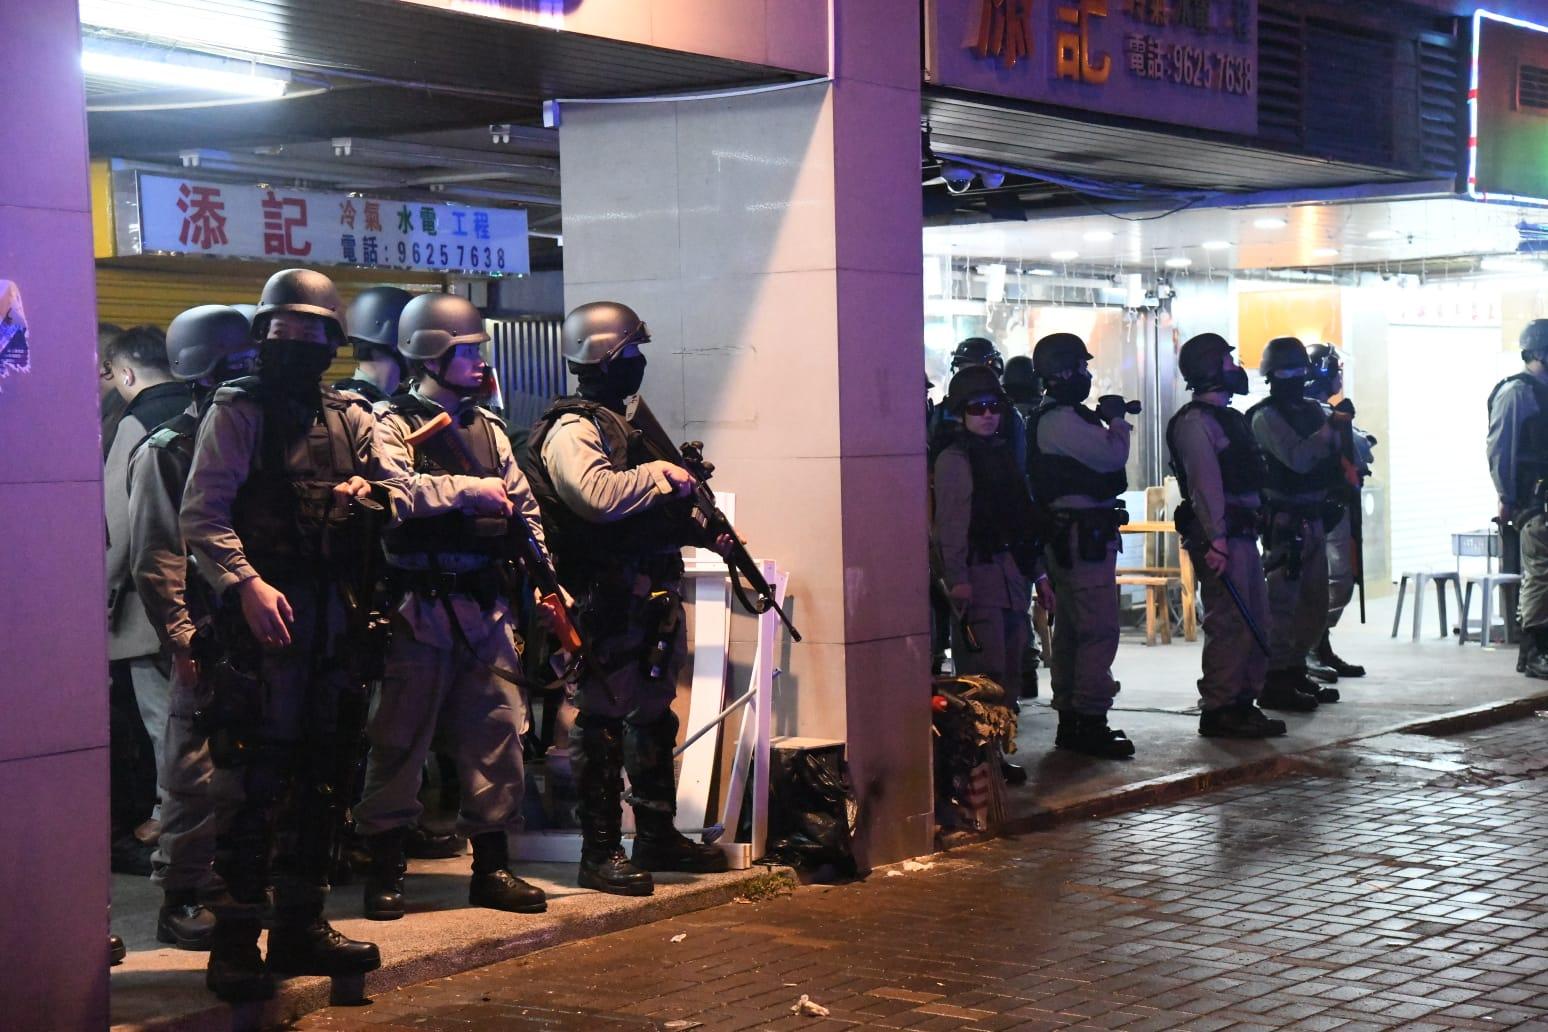 大埔枪击案现场人群指骂警察 警方举黑旗射催泪弹驱散